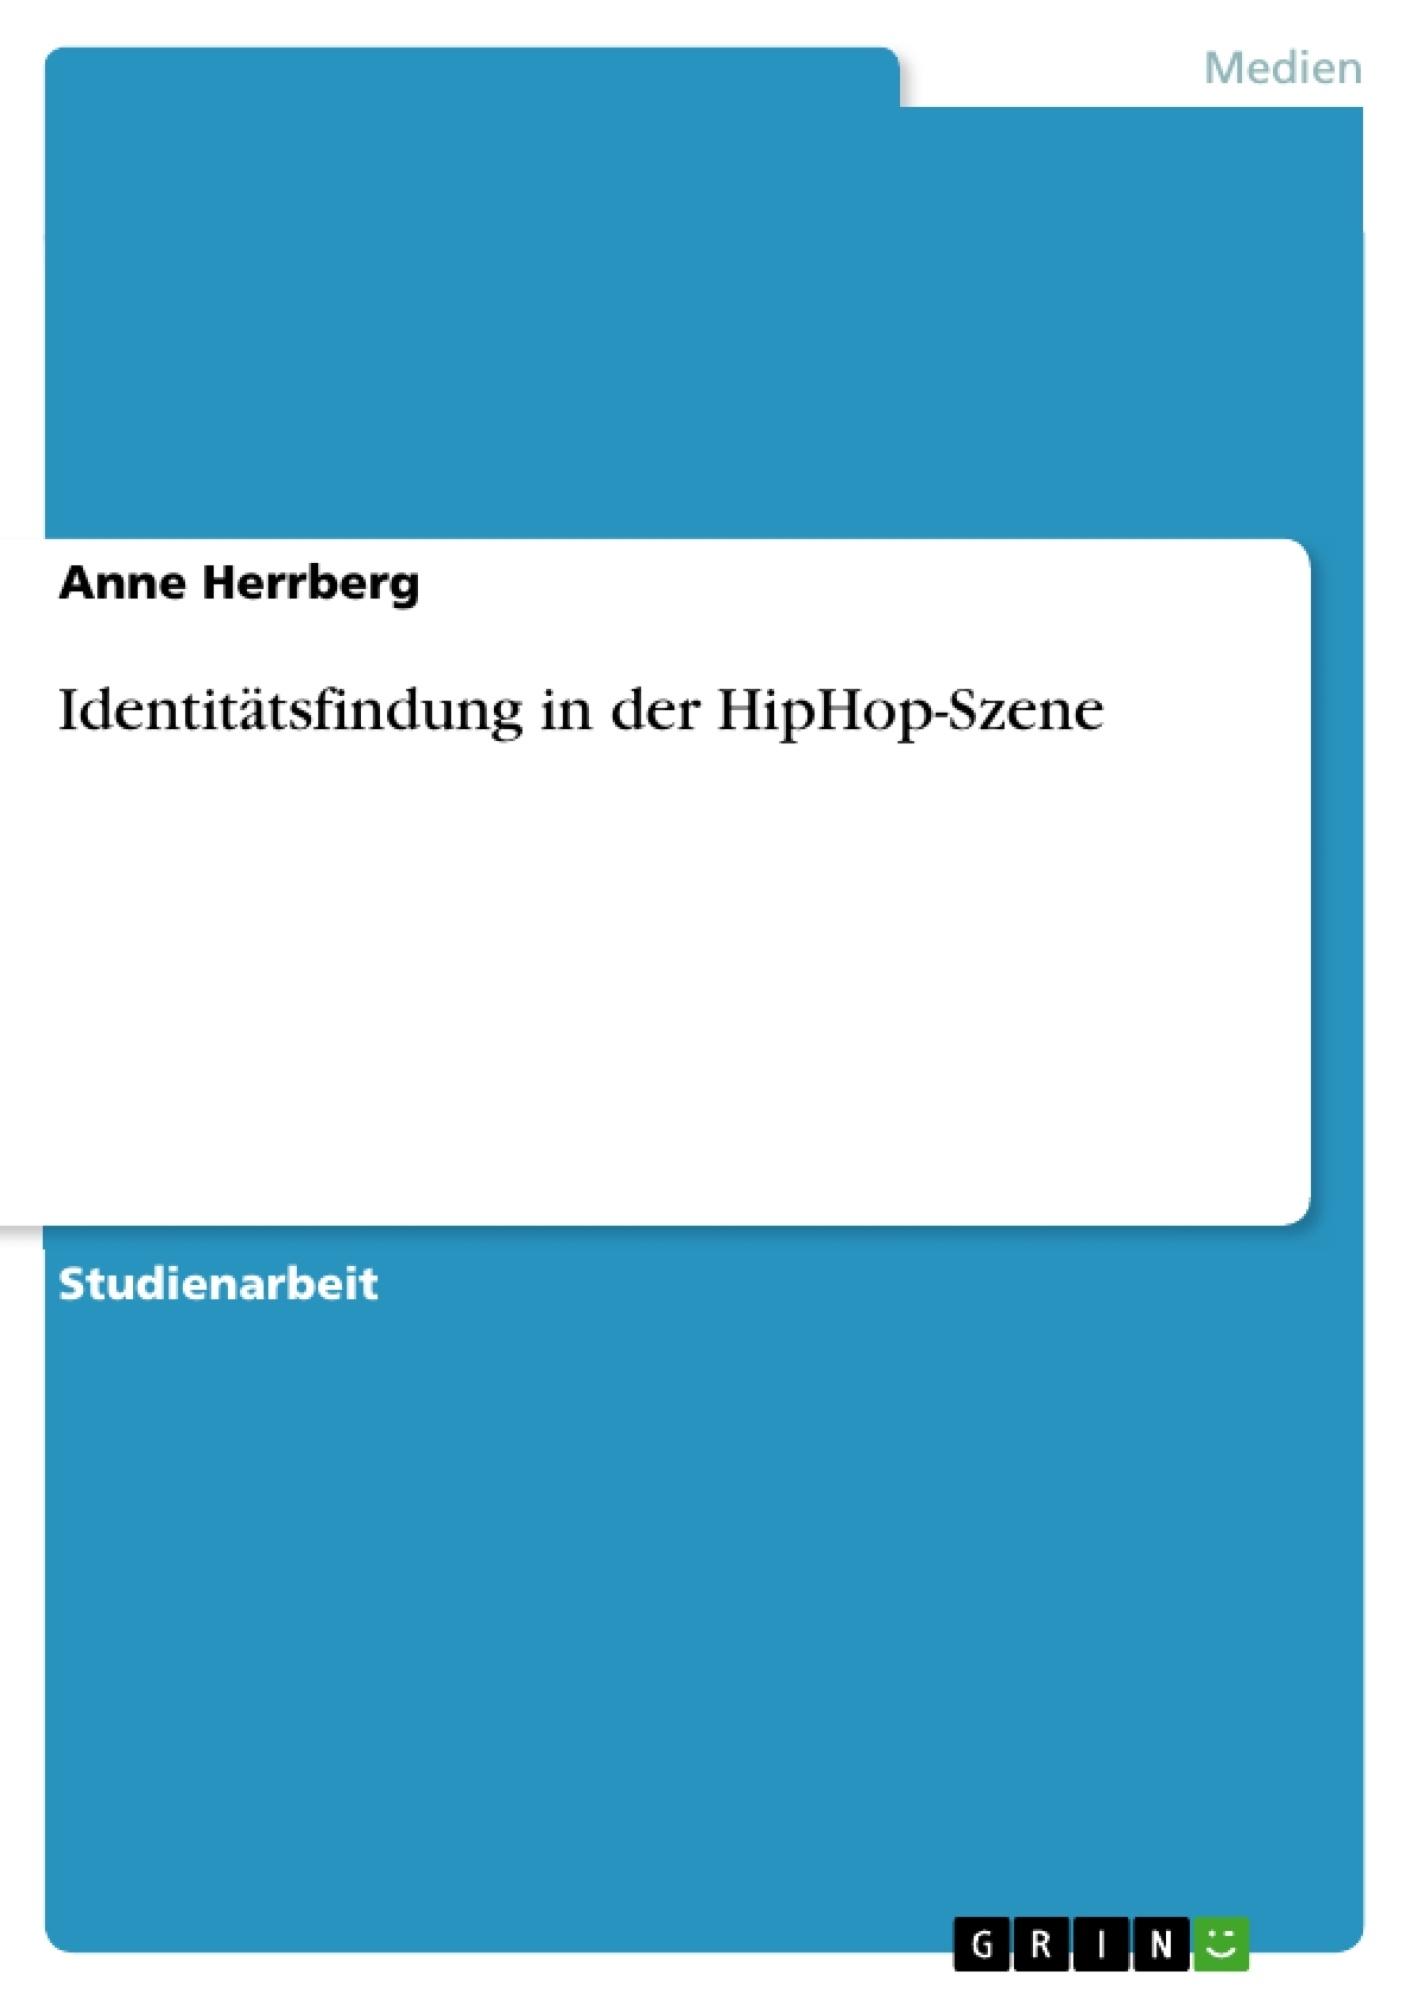 Titel: Identitätsfindung in der HipHop-Szene